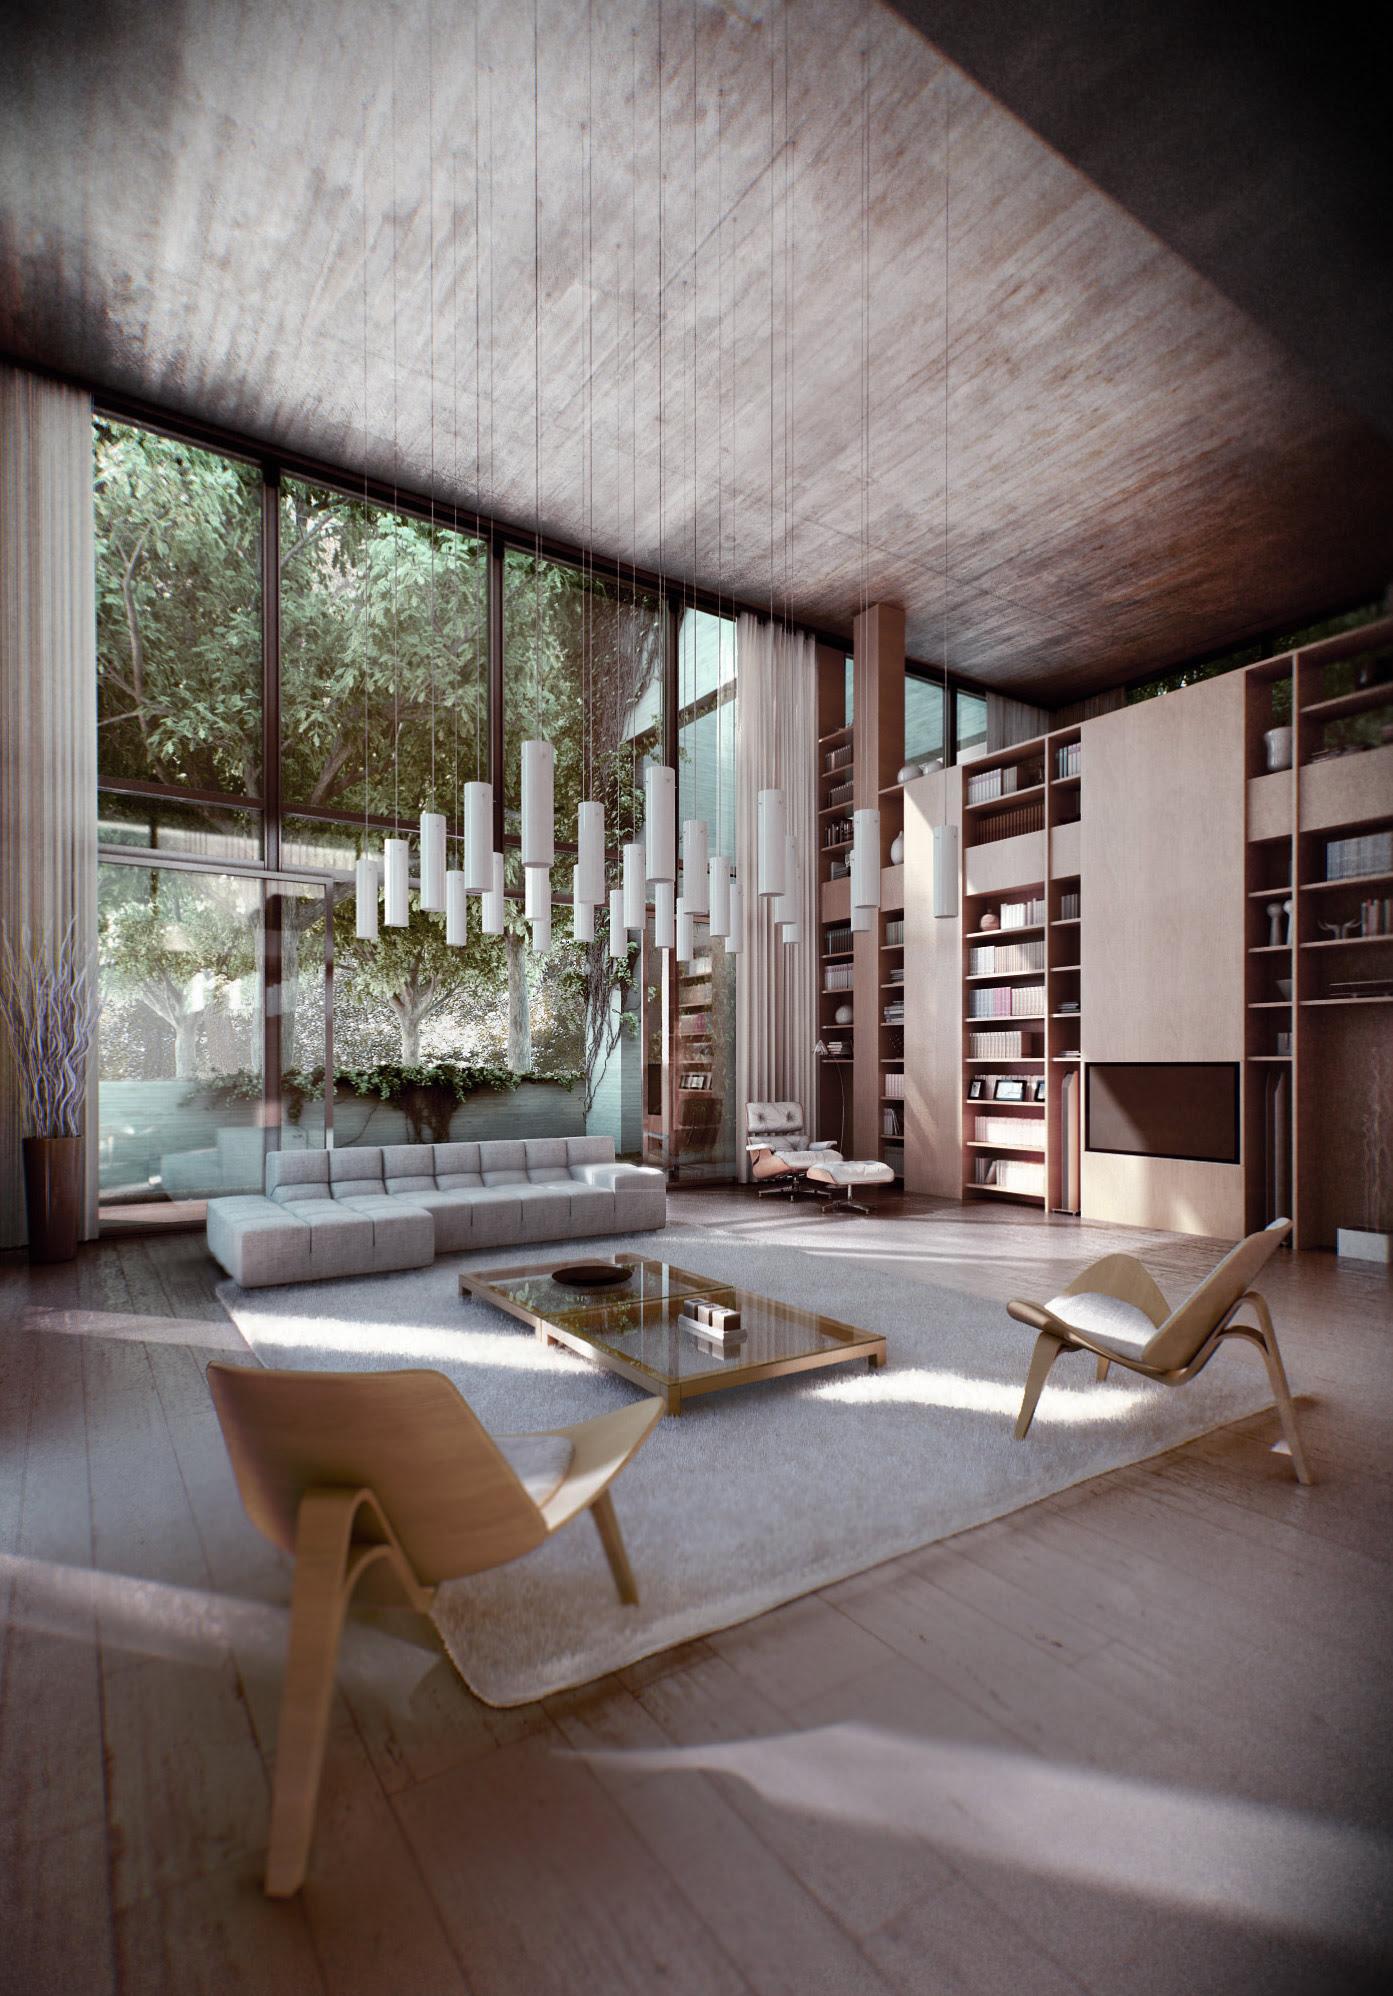 zen interior  Interior Design Ideas.